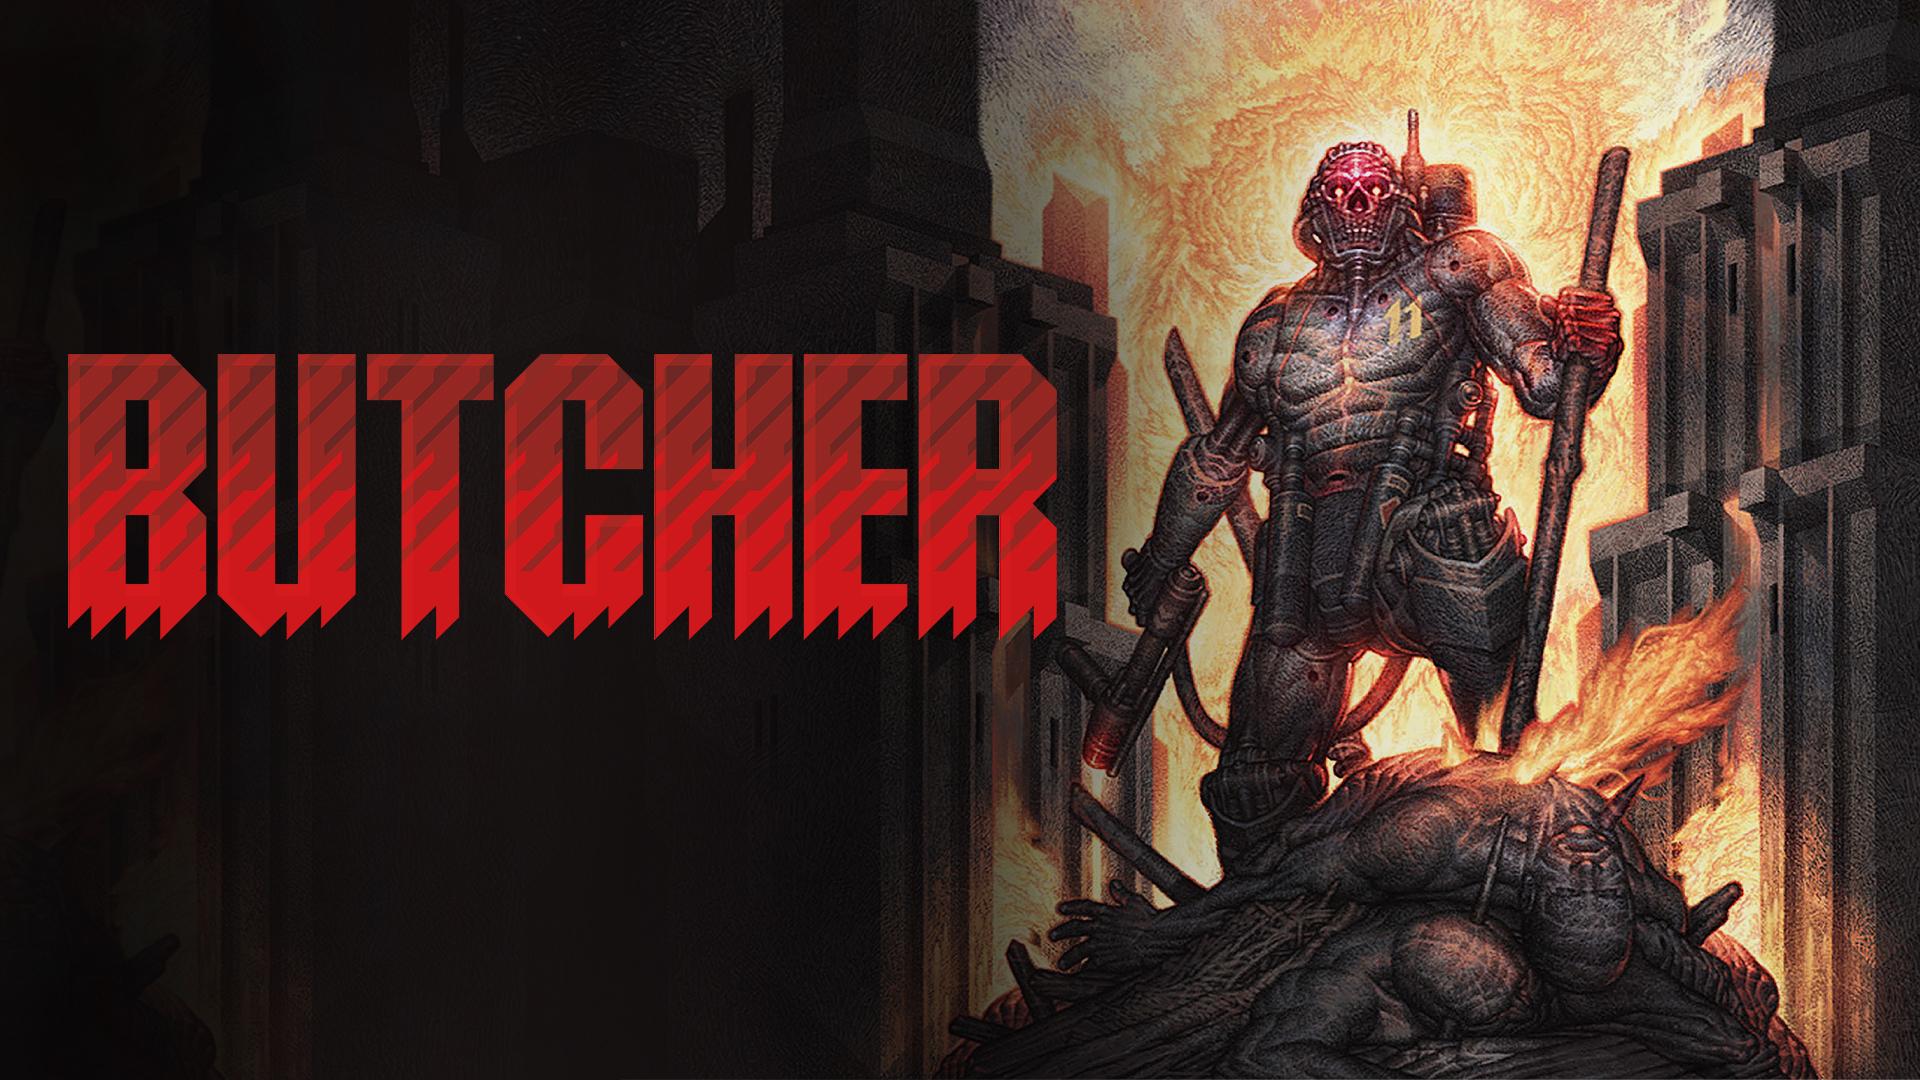 Butcher se podrá descargar de forma gratuita durante 48 horas